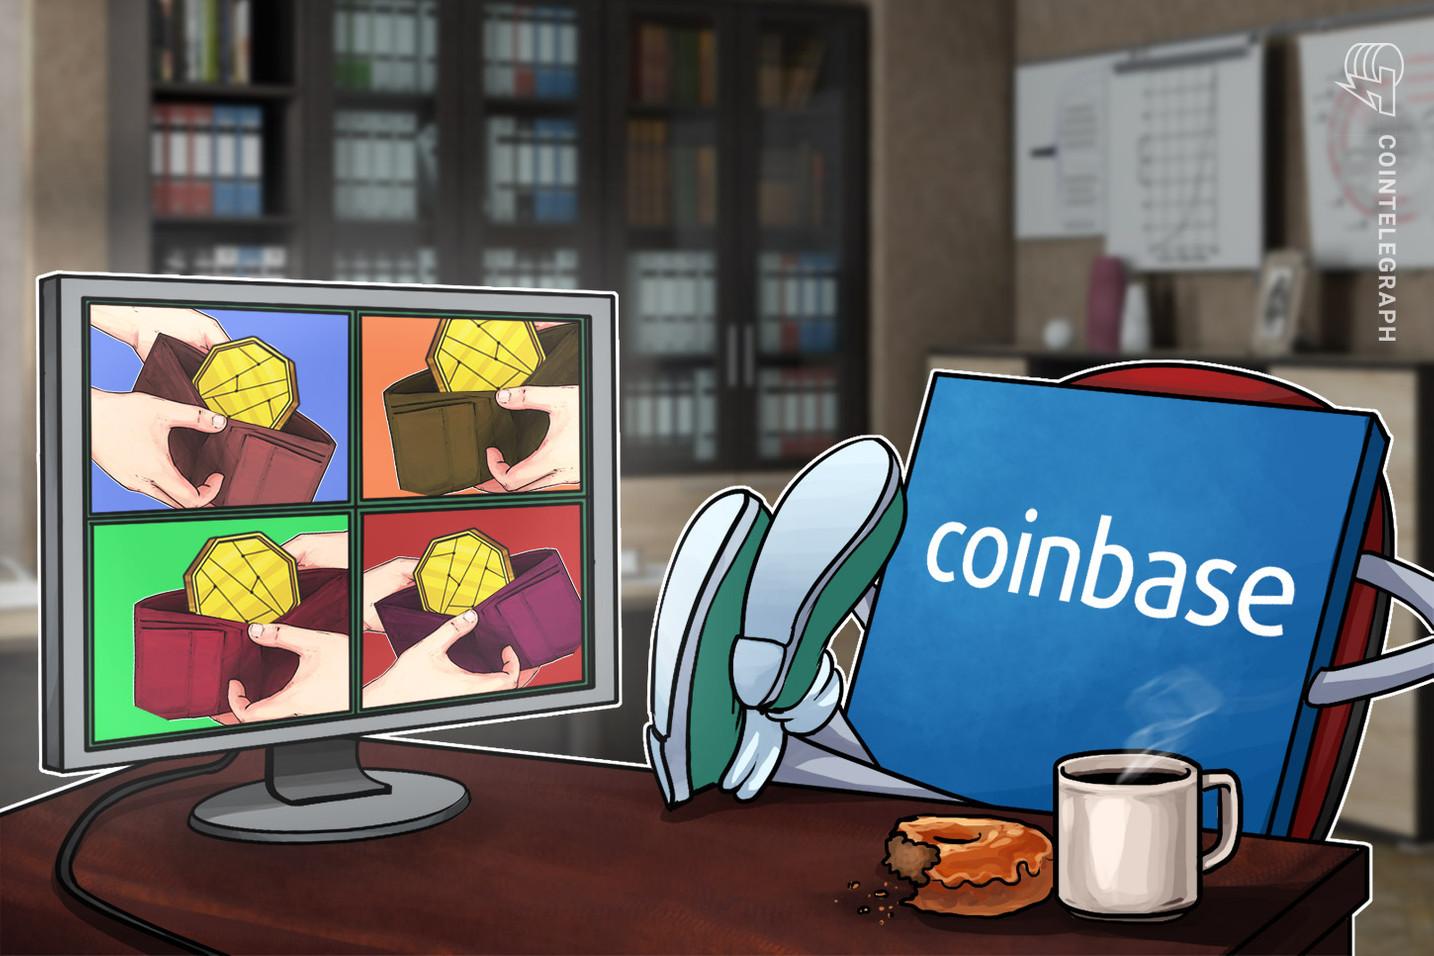 Coinbase verbindet Benutzerkonten der Hauptplattform mit Wallet-App